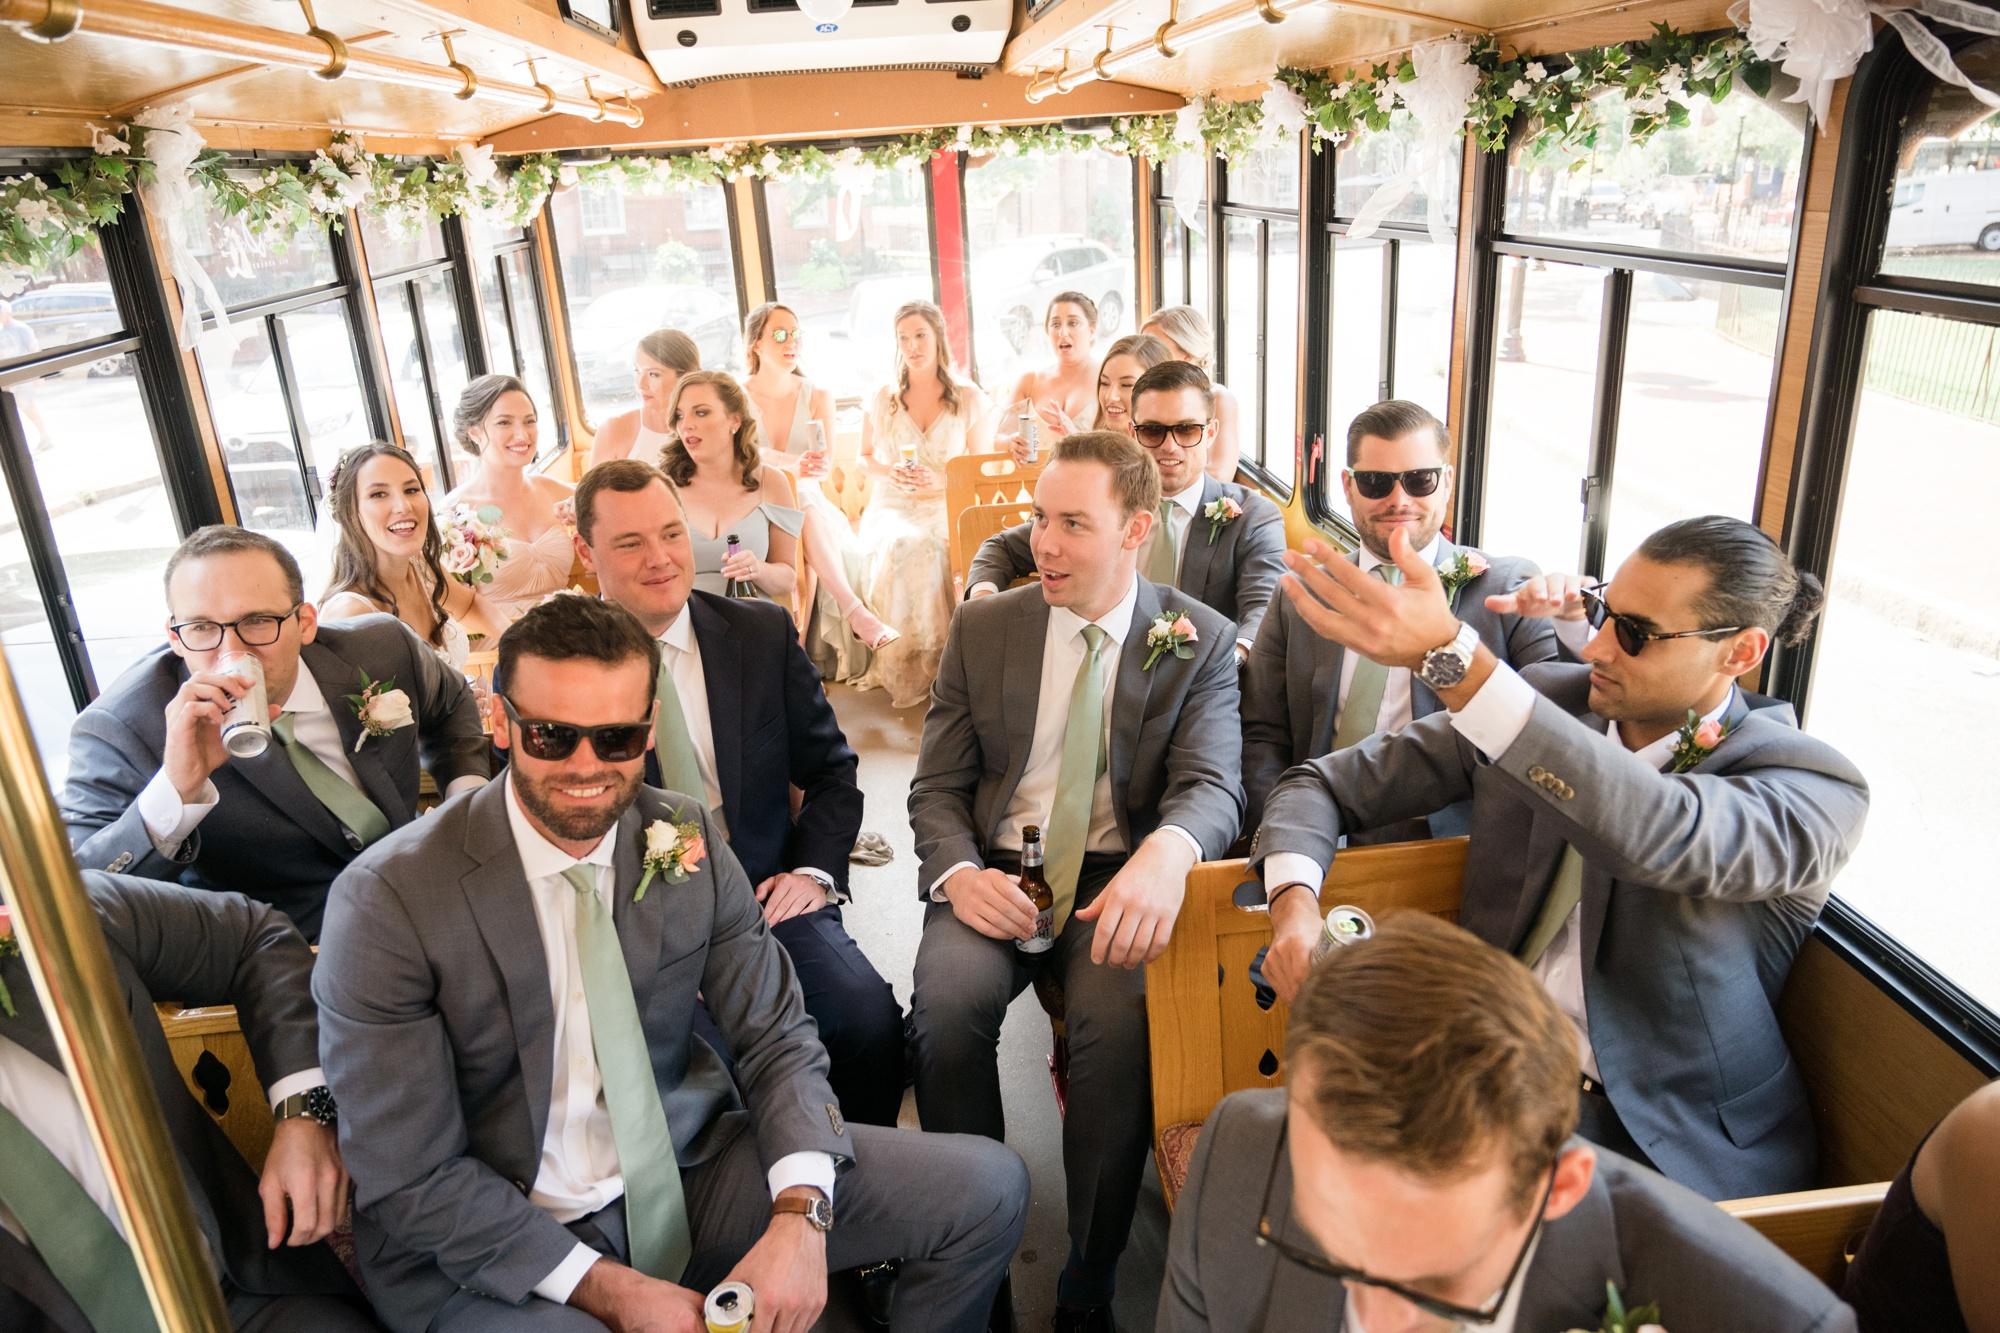 Annapolis wedding trolley transportation